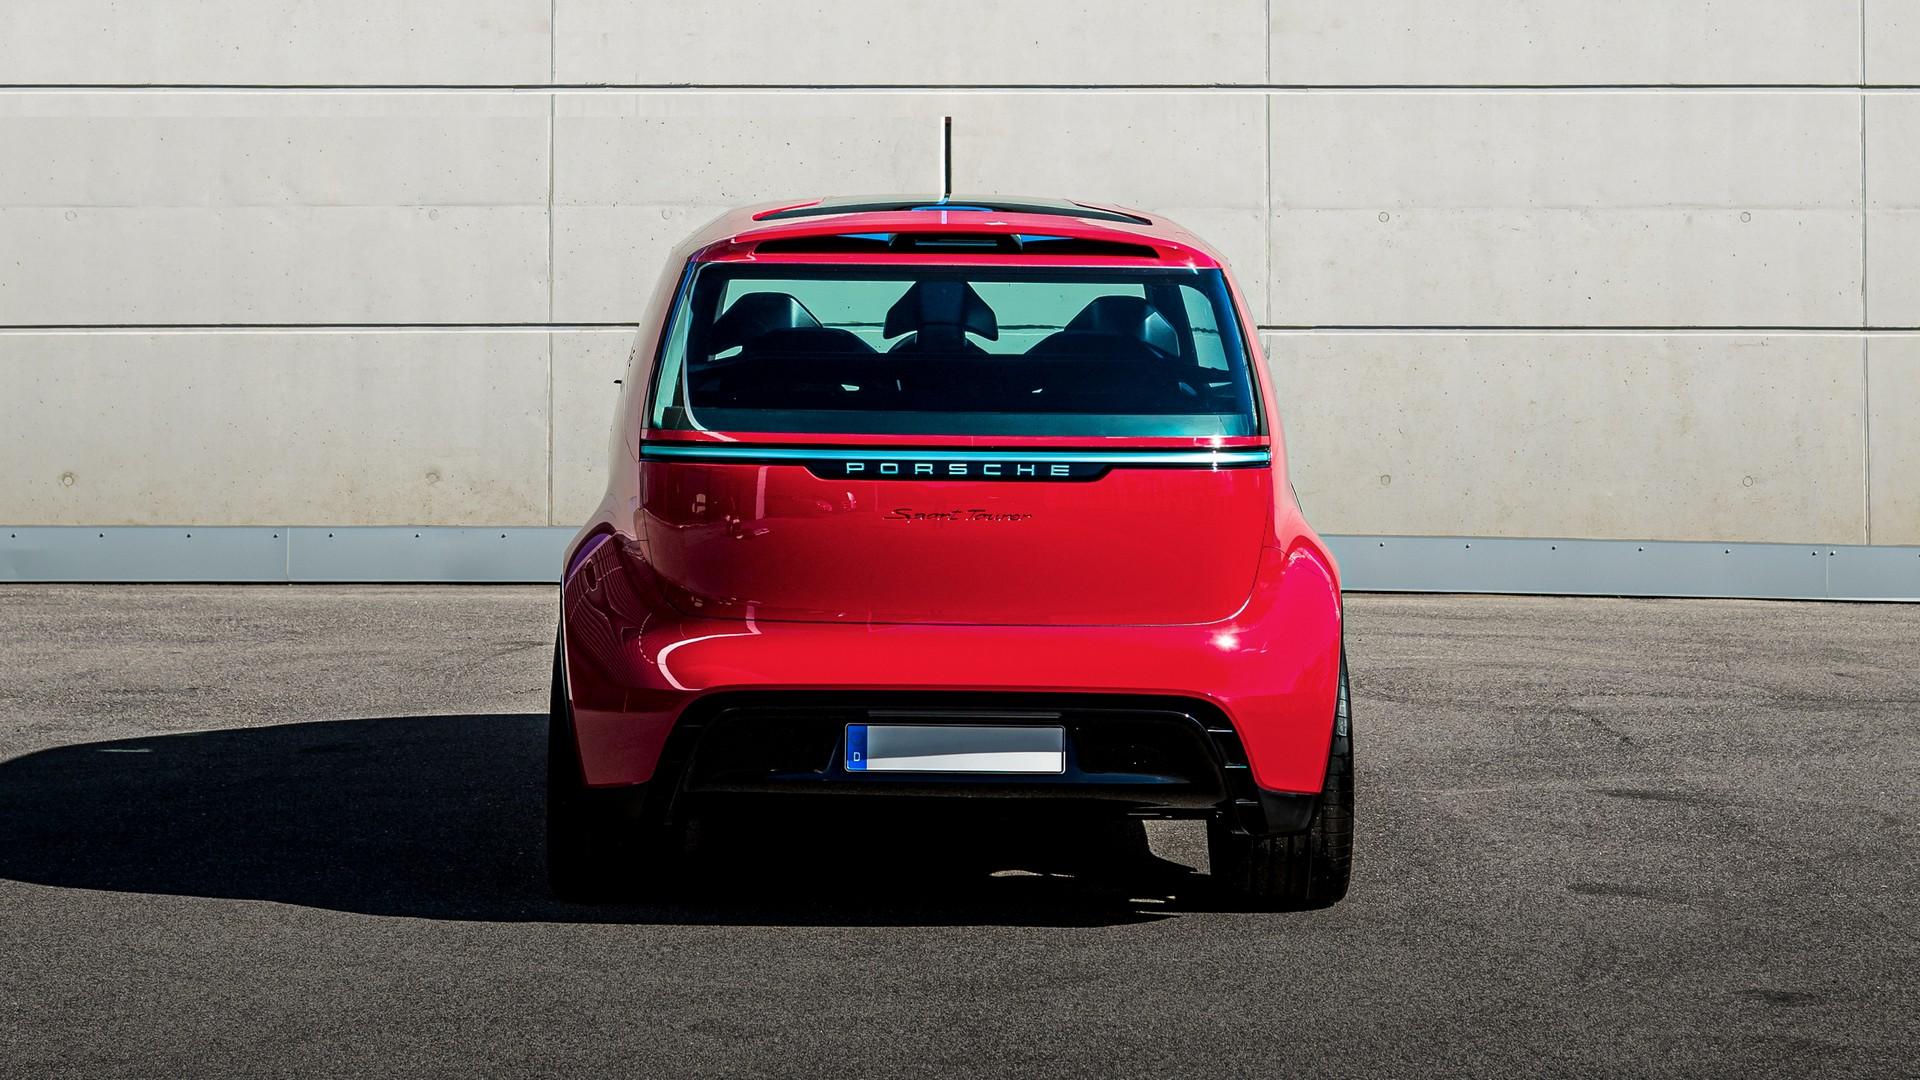 Porsche Renndienst Concept Back